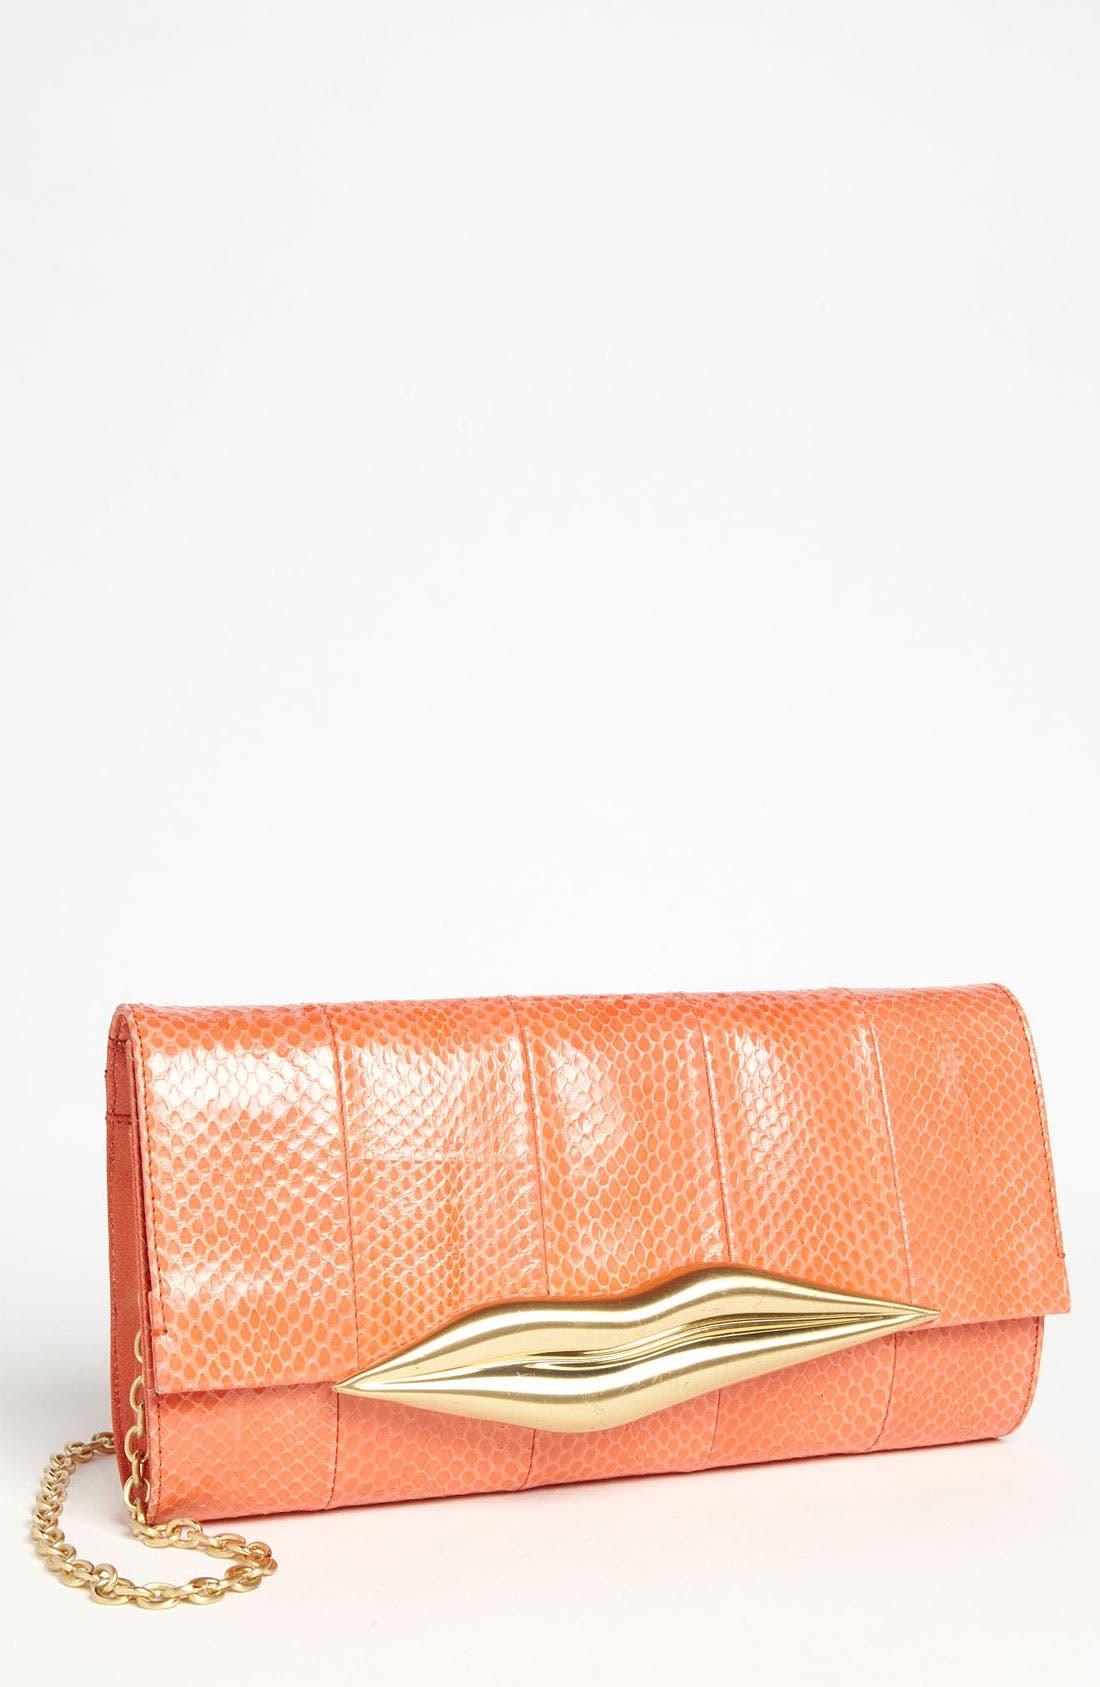 Main Image - Diane von Furstenberg 'Carolina Lips' Leather & Genuine Snakeskin Clutch